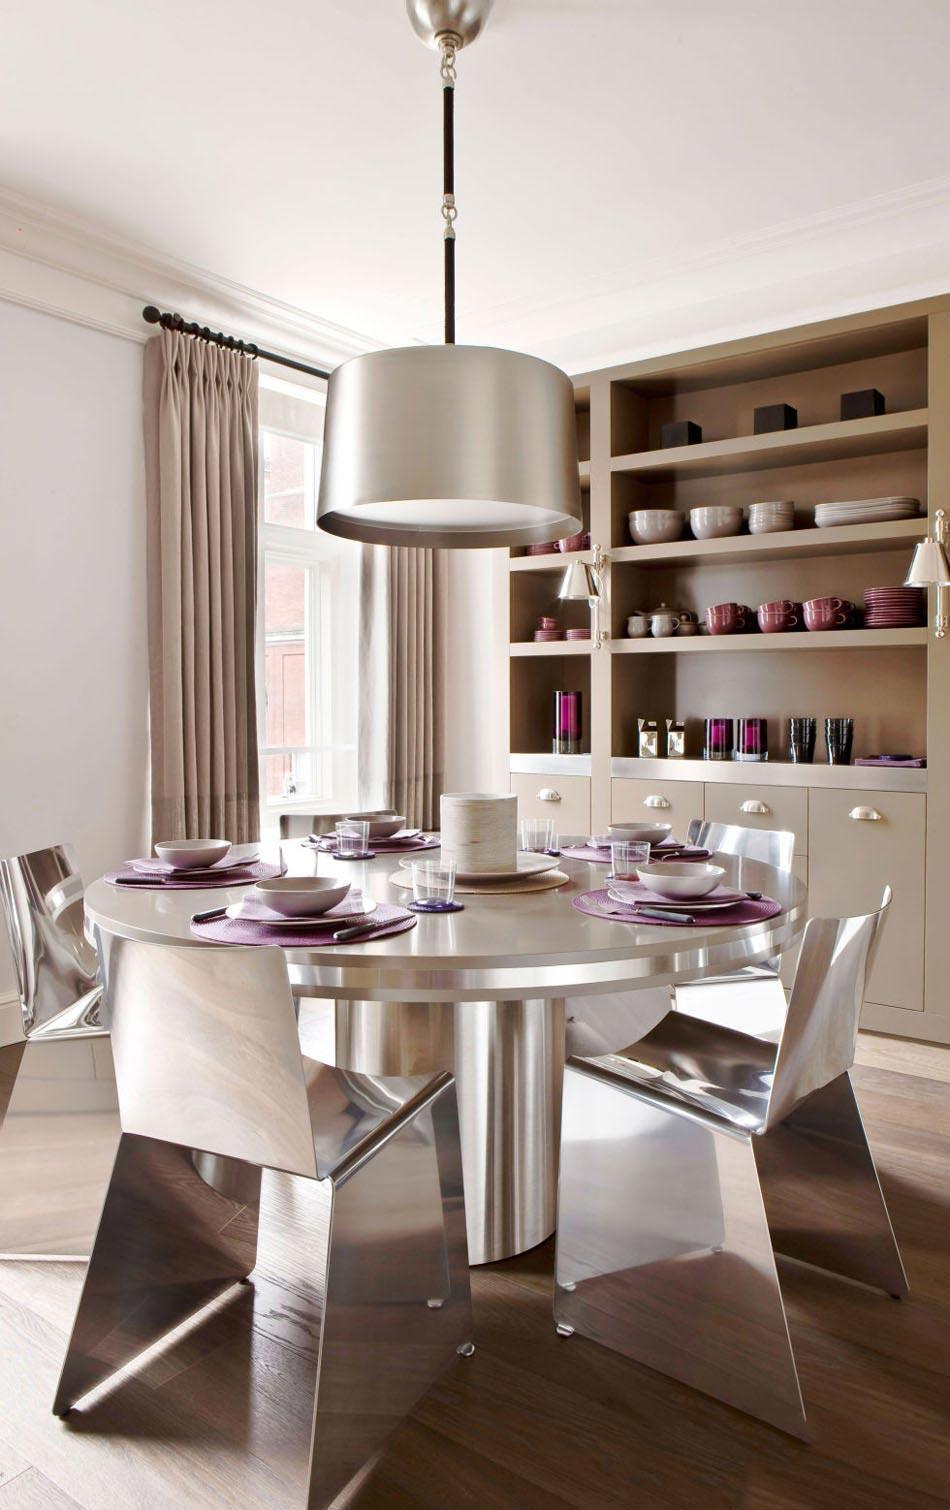 Chaises design devenues le bijou d co dans l ameublement d - Les plus belles chaises design ...